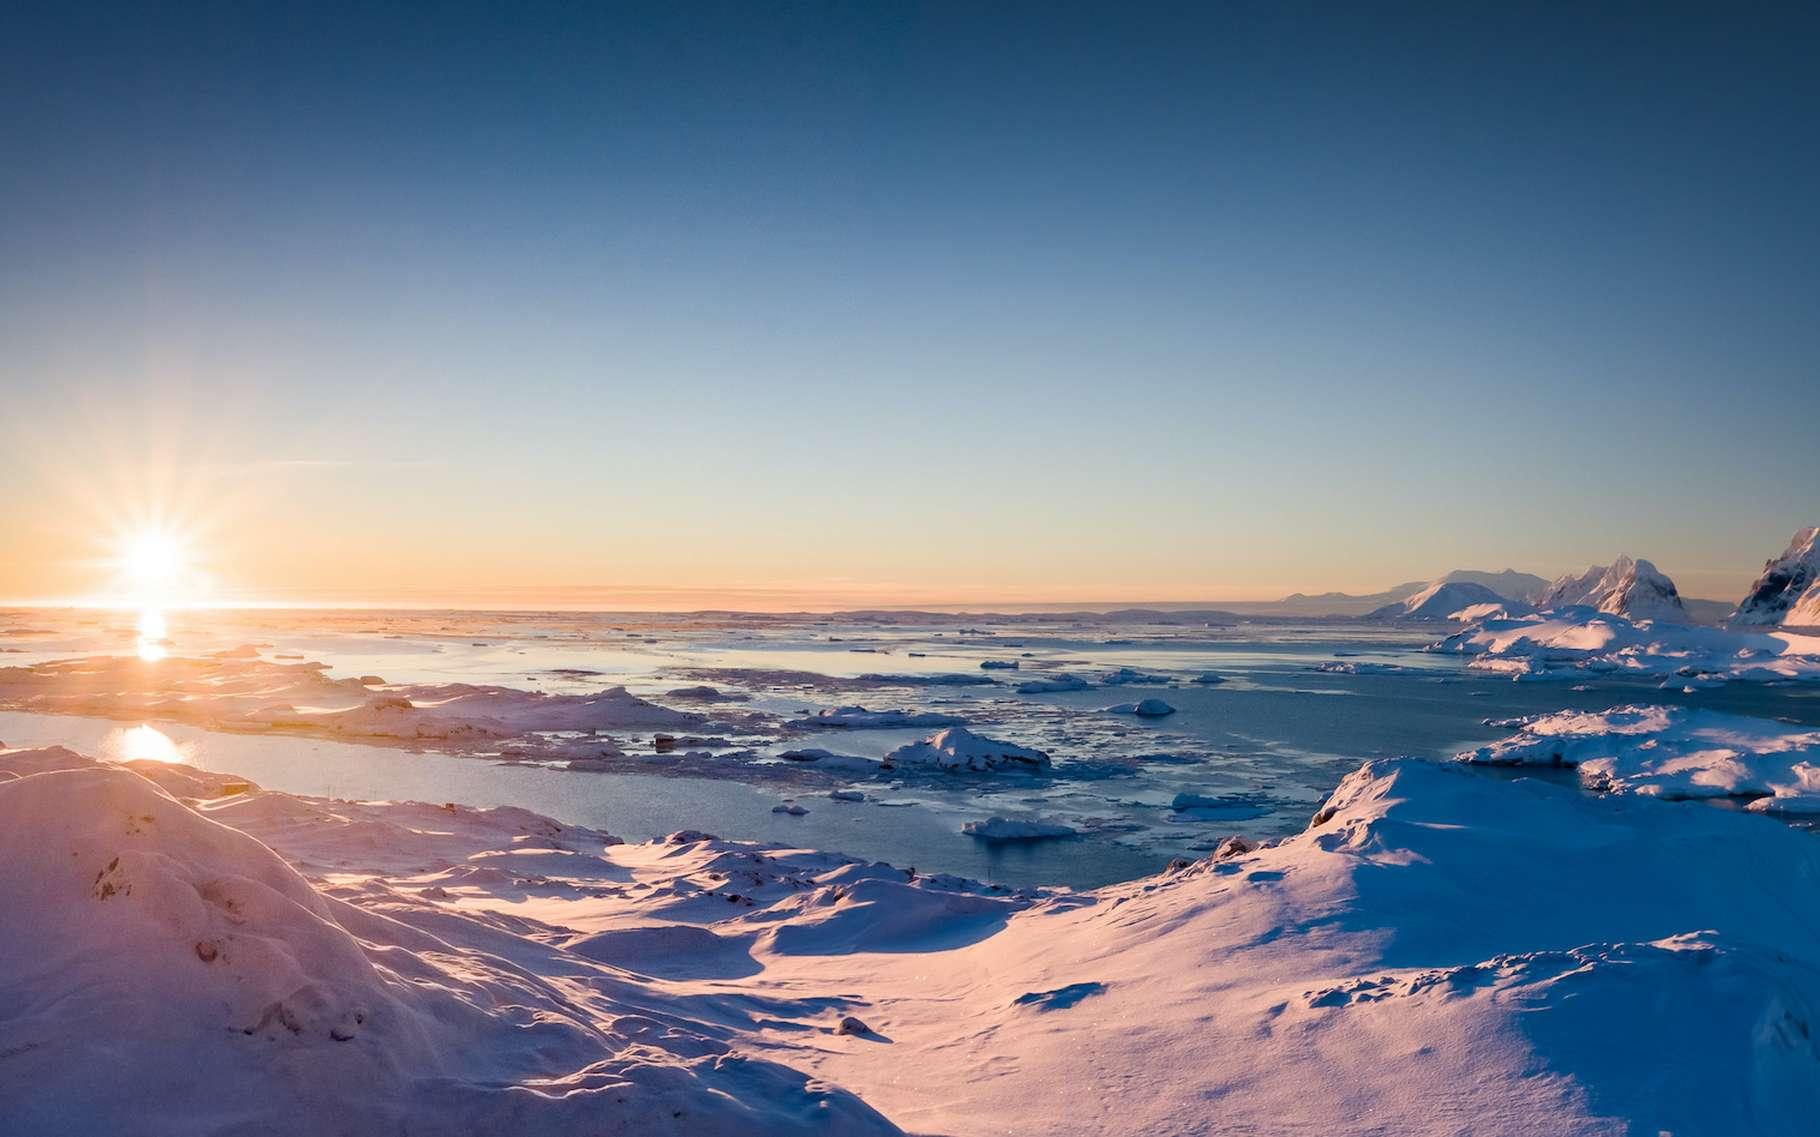 Avec la canicule de l'été dernier en Antarctique, des microalgues vertes ont proliféré en nombre, teintant la neige de vert. © Goinyk, Adobe Stock